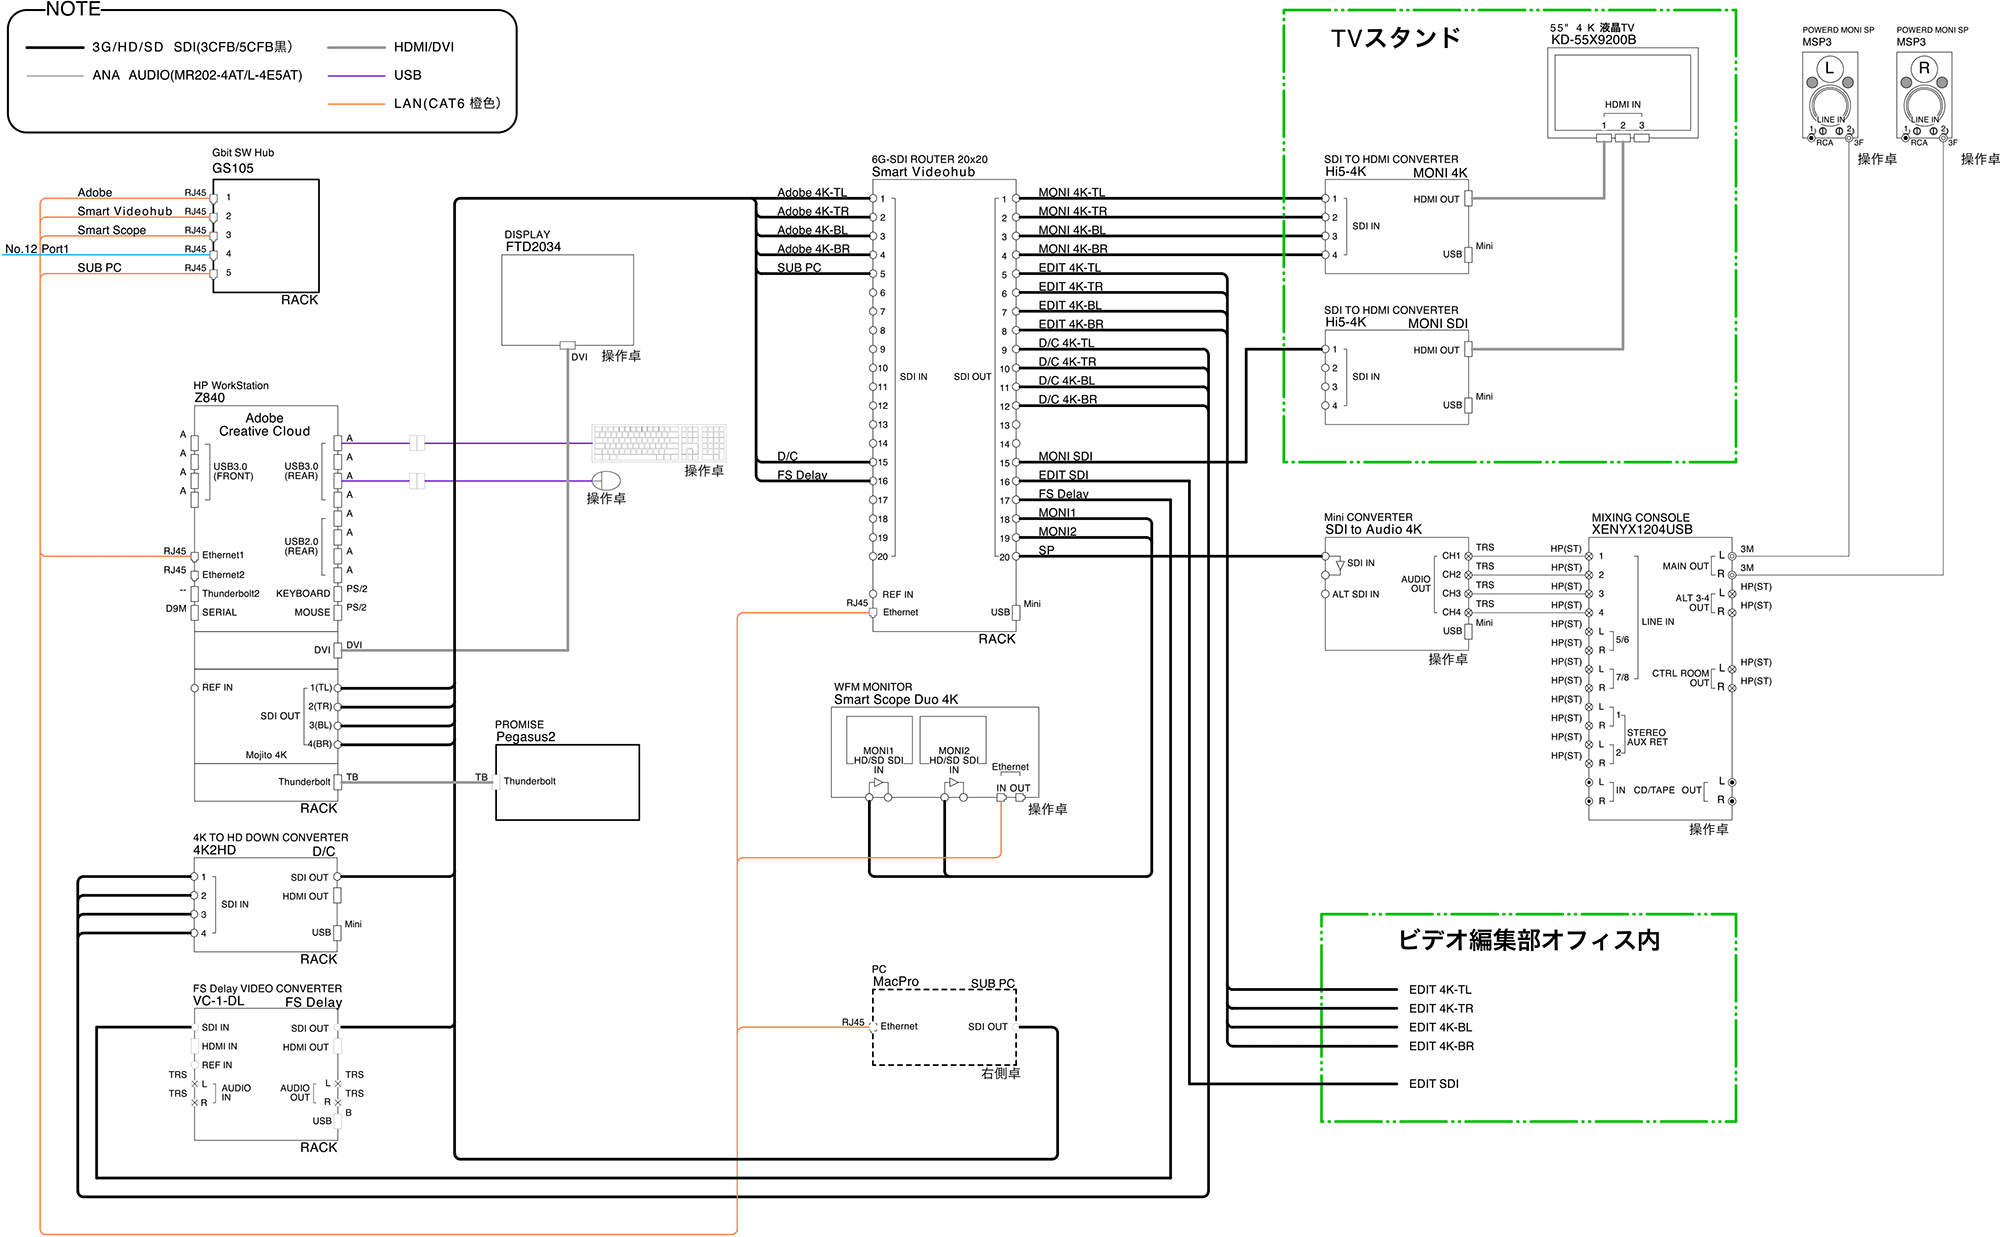 共同テレビジョン4K60p編集室システム系統図(施工:Too)